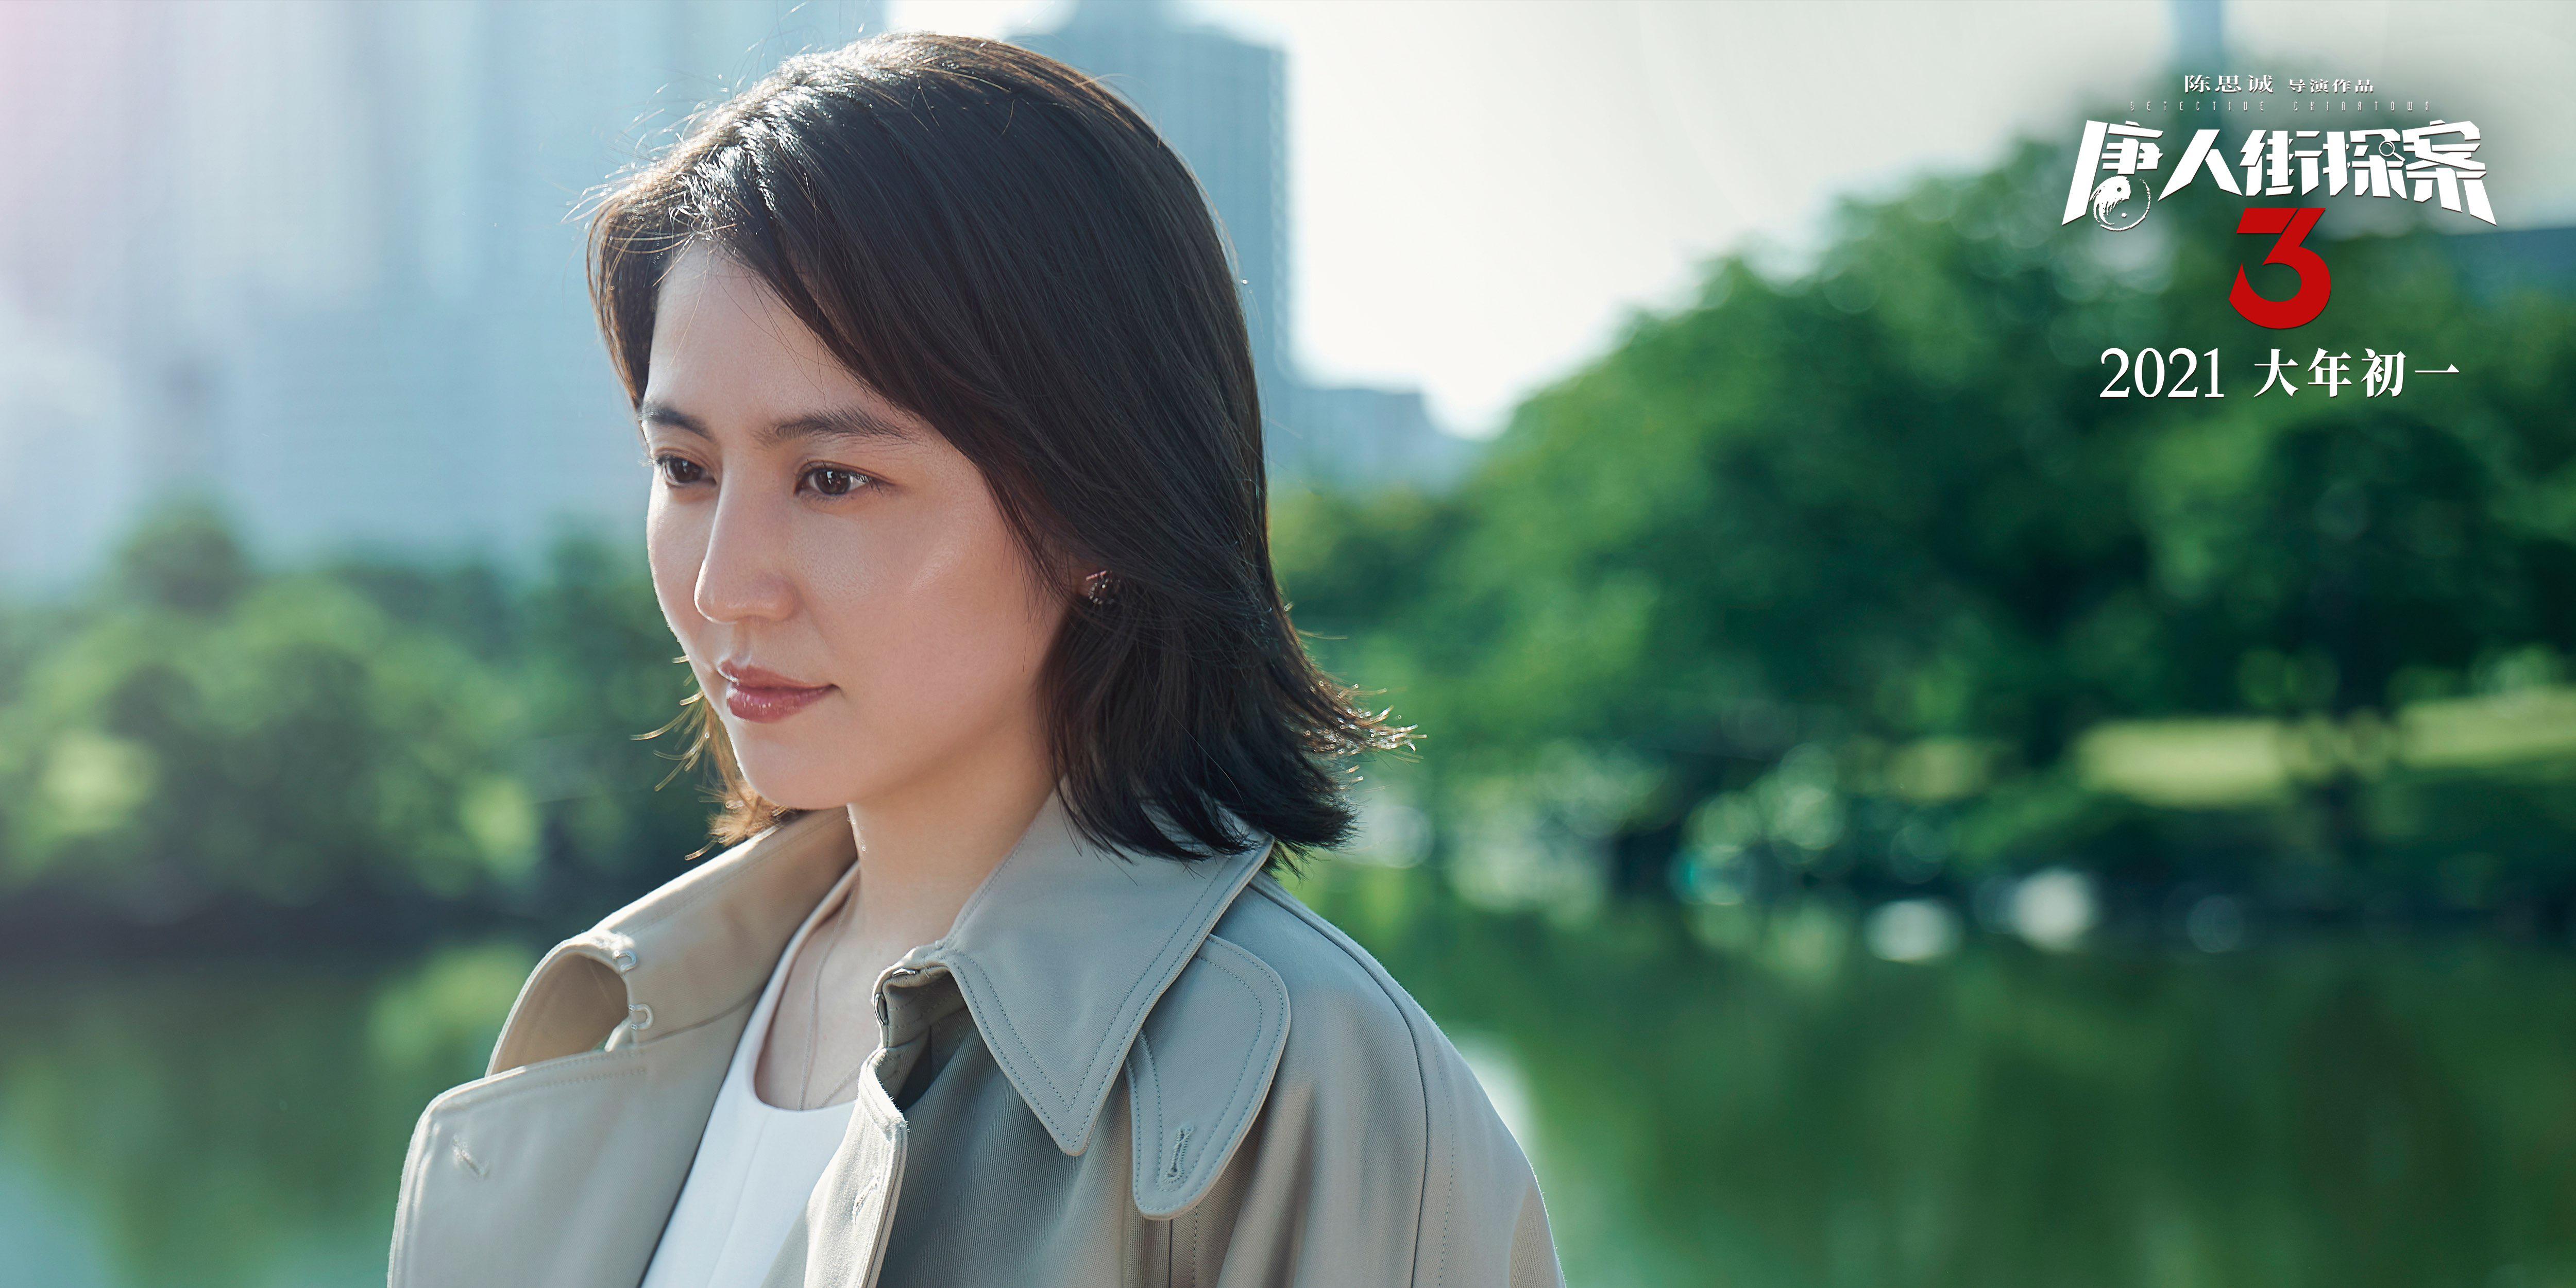 《唐人街探案3》集结亚洲侦探 长泽雅美惊喜加盟